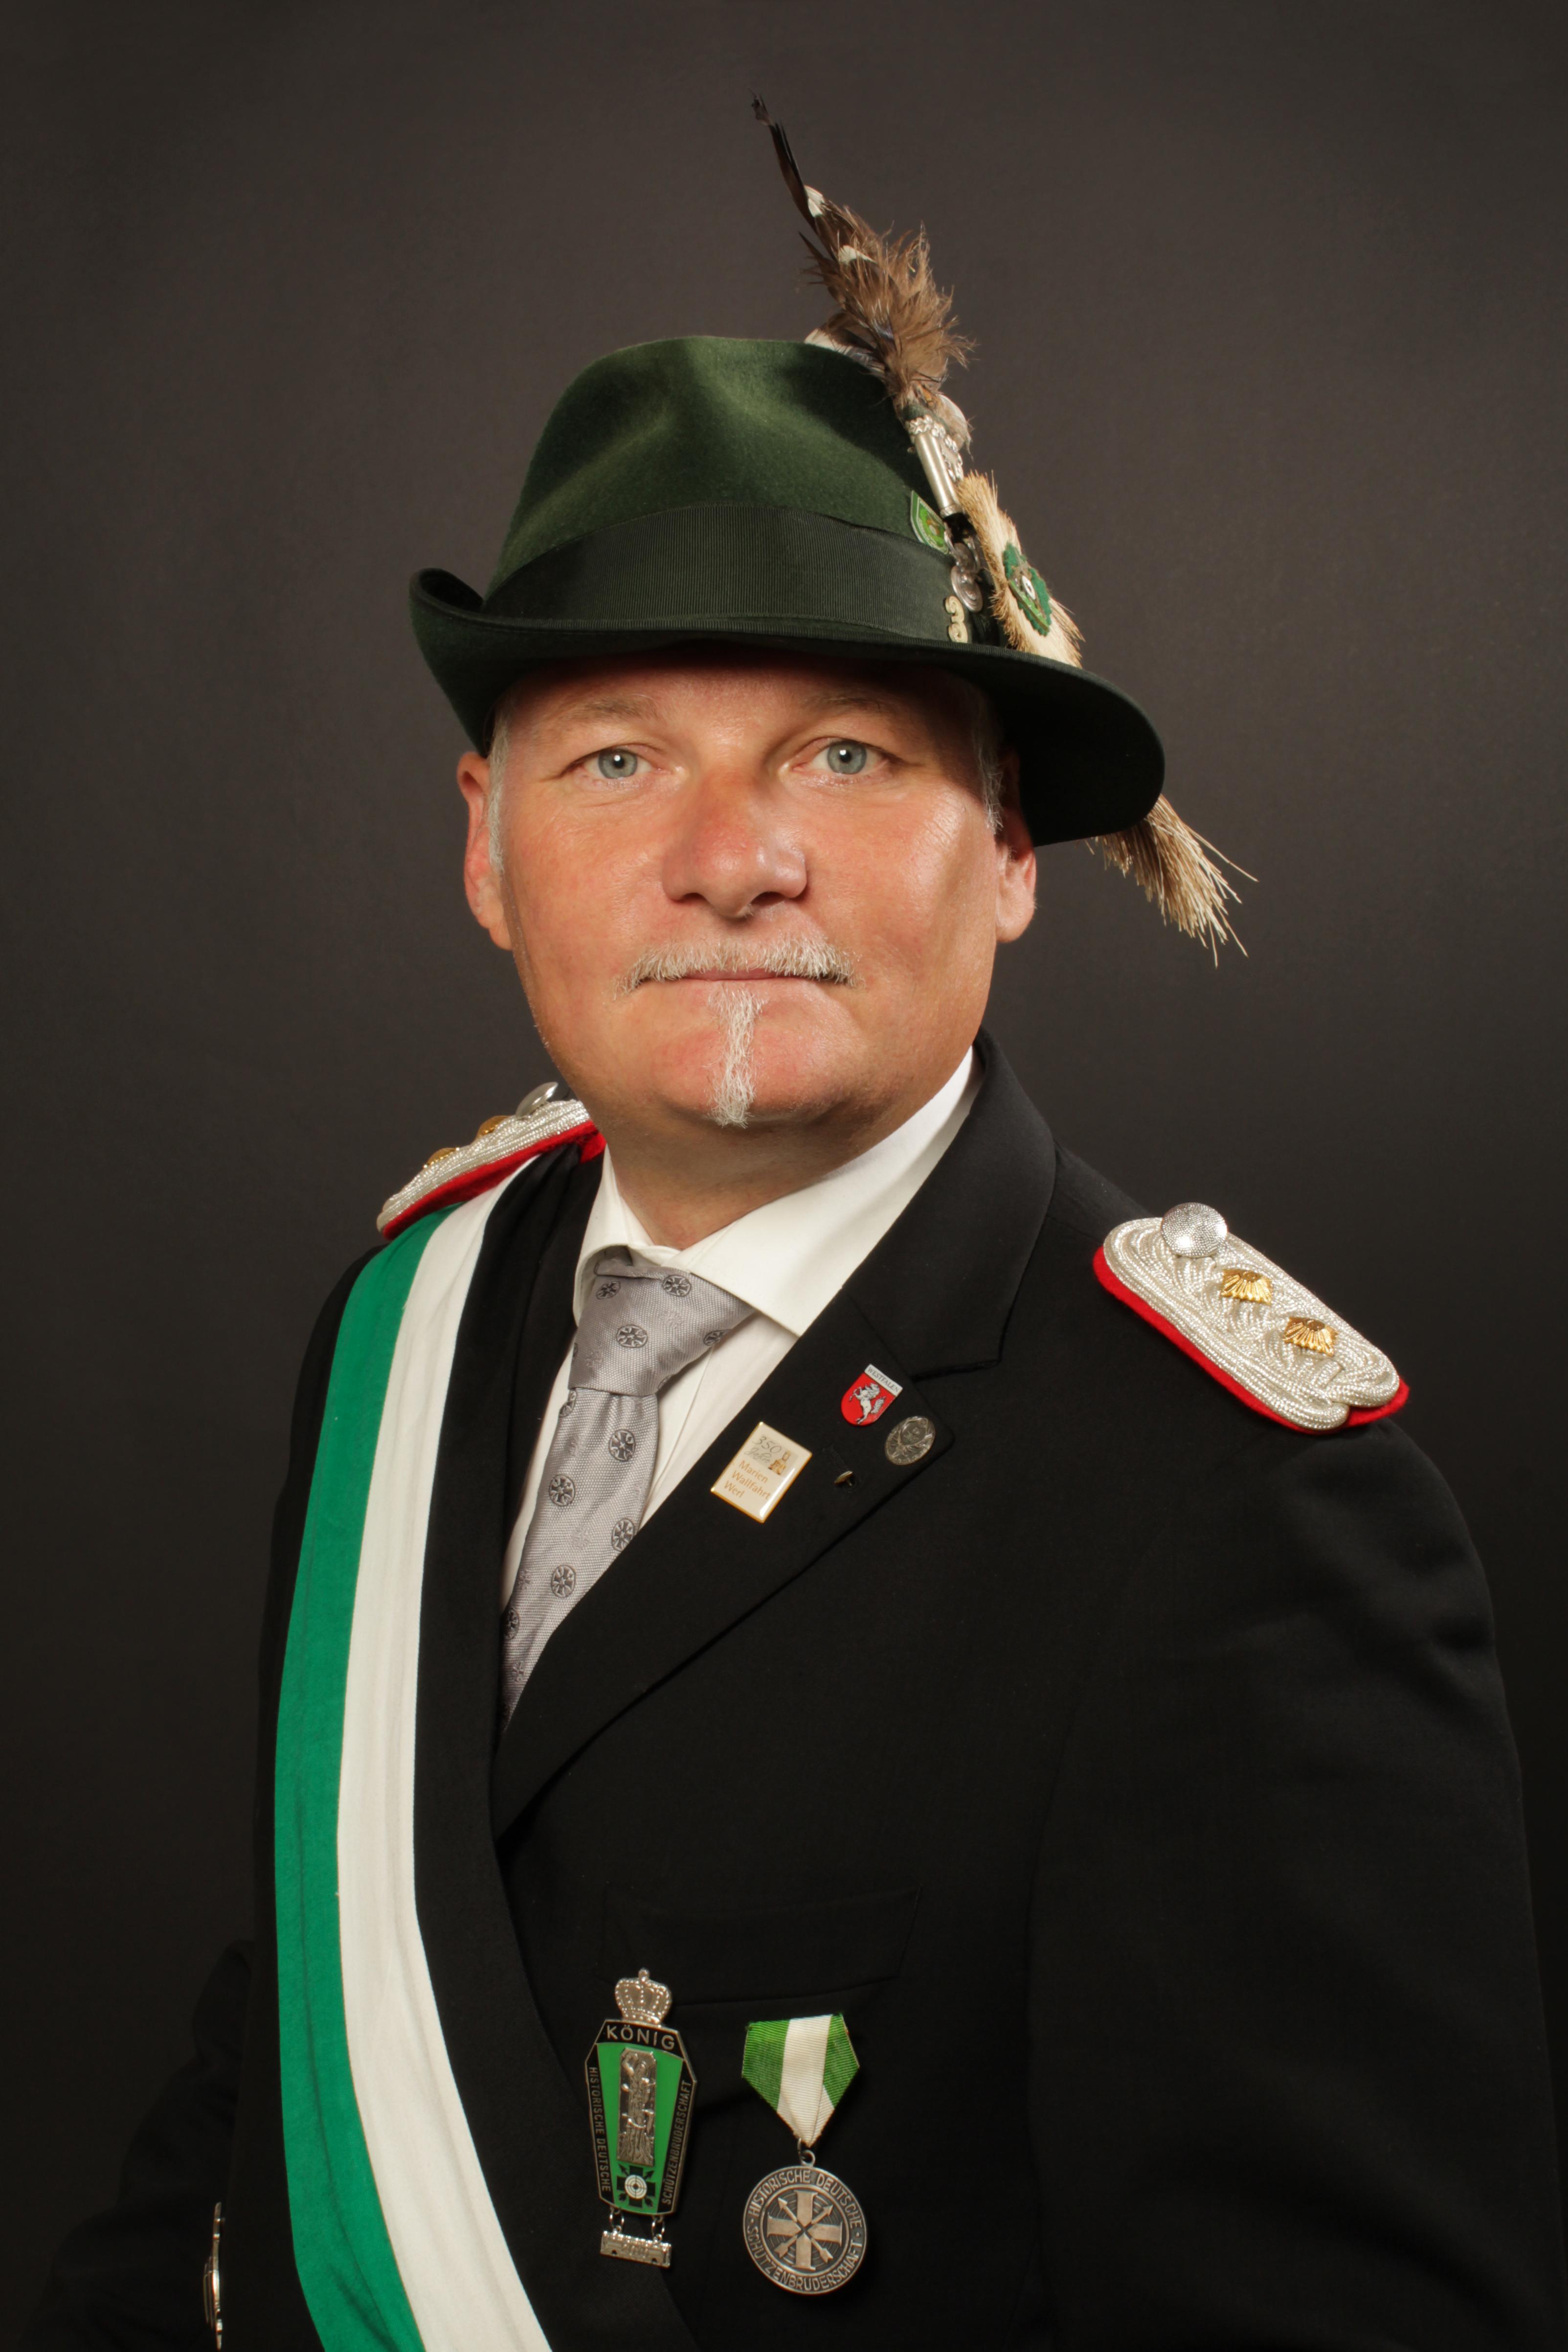 Burghard Schröder